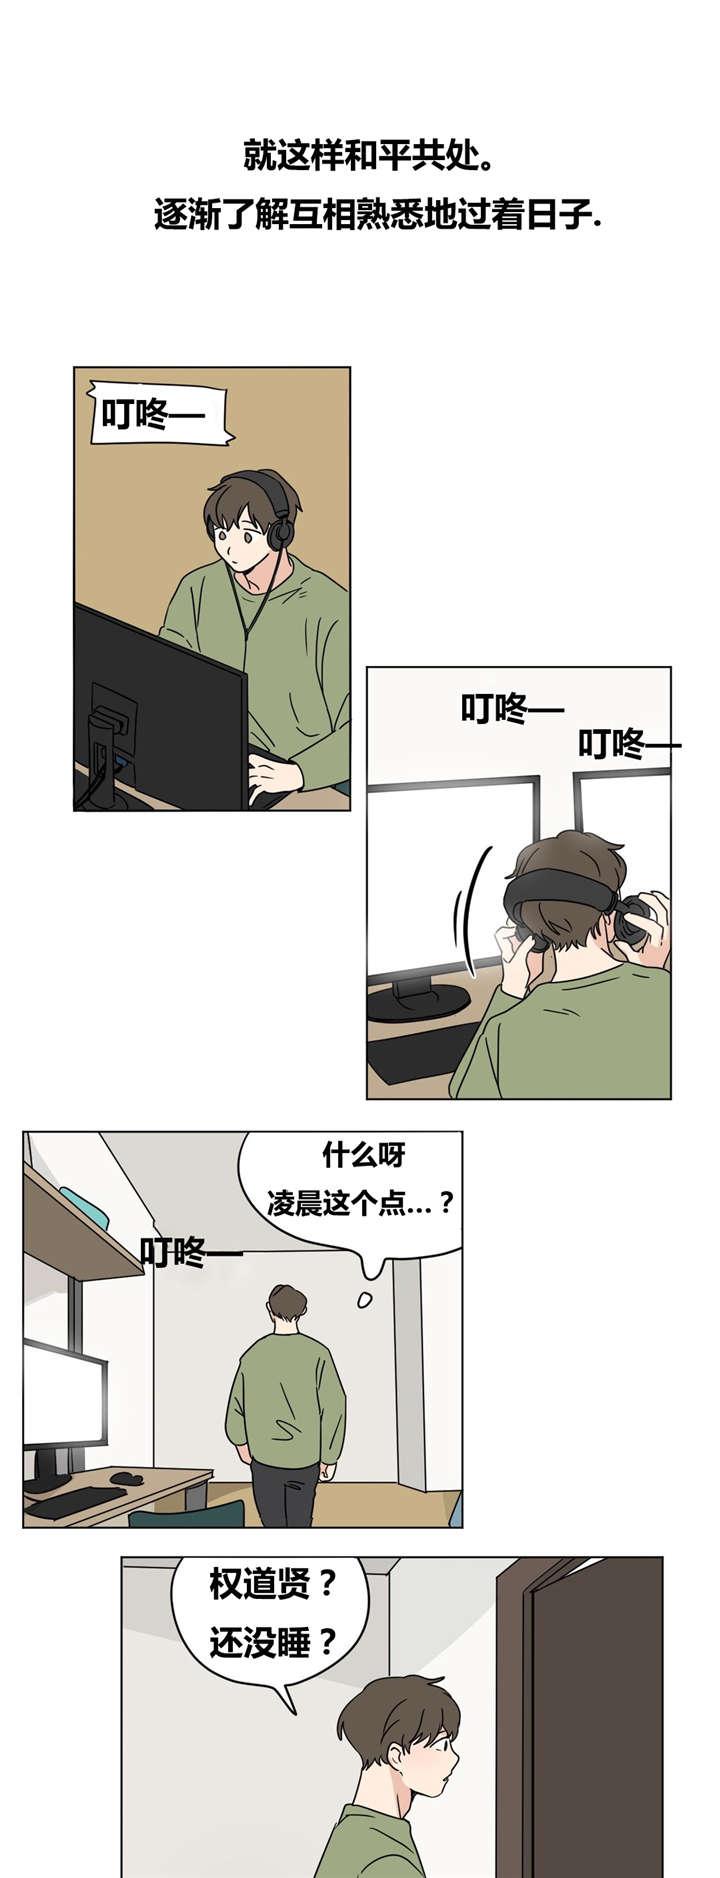 《偷偷恋上你》韩漫完整版(全文免费阅读)